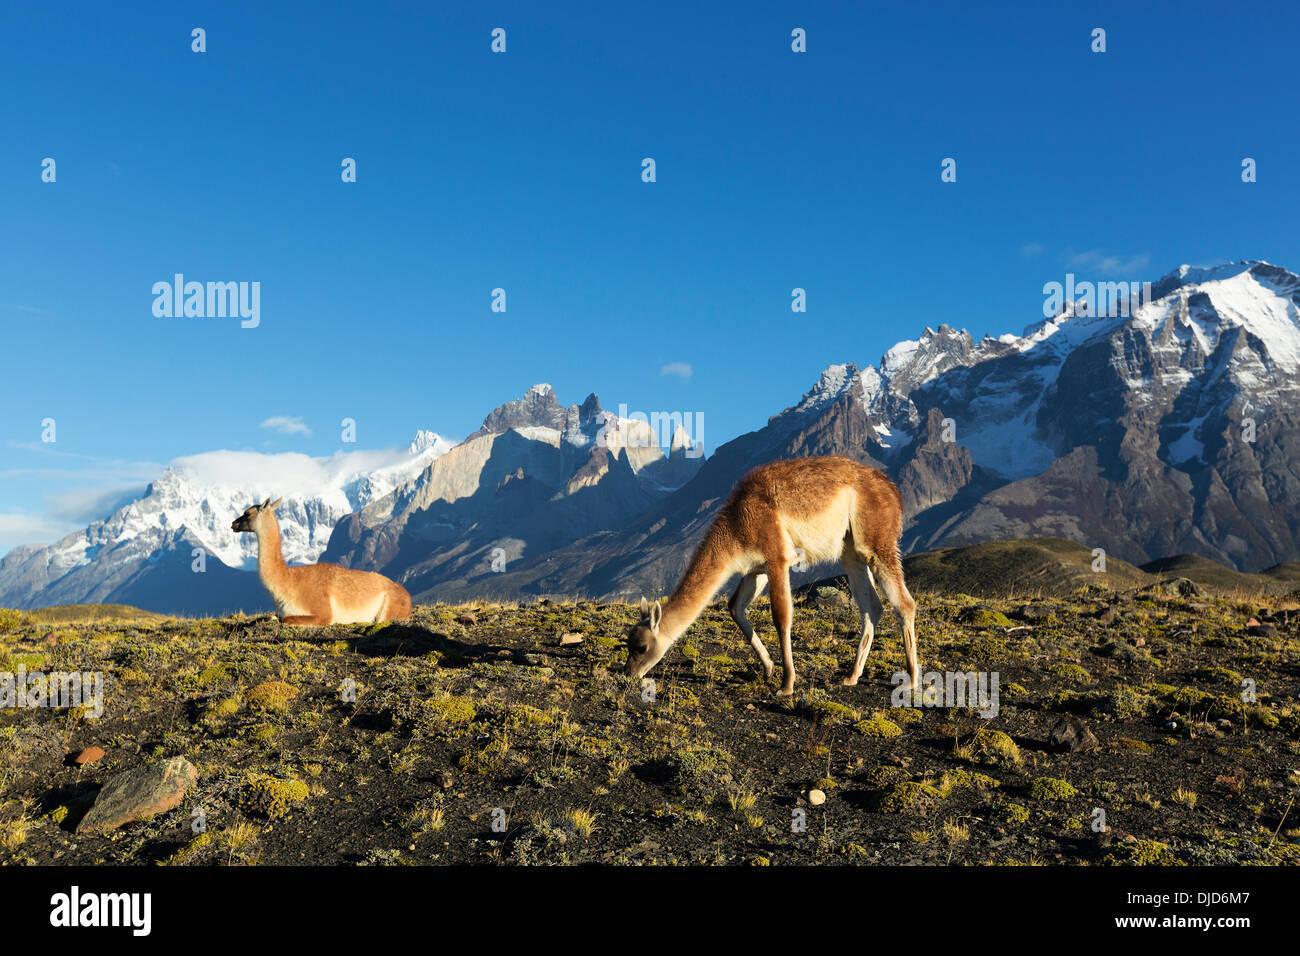 Deux guanacos (Lama guanicoe) debout sur la colline avec les montagnes de Torres del Paine en arrière-plan.Patagonie.Chili Banque D'Images